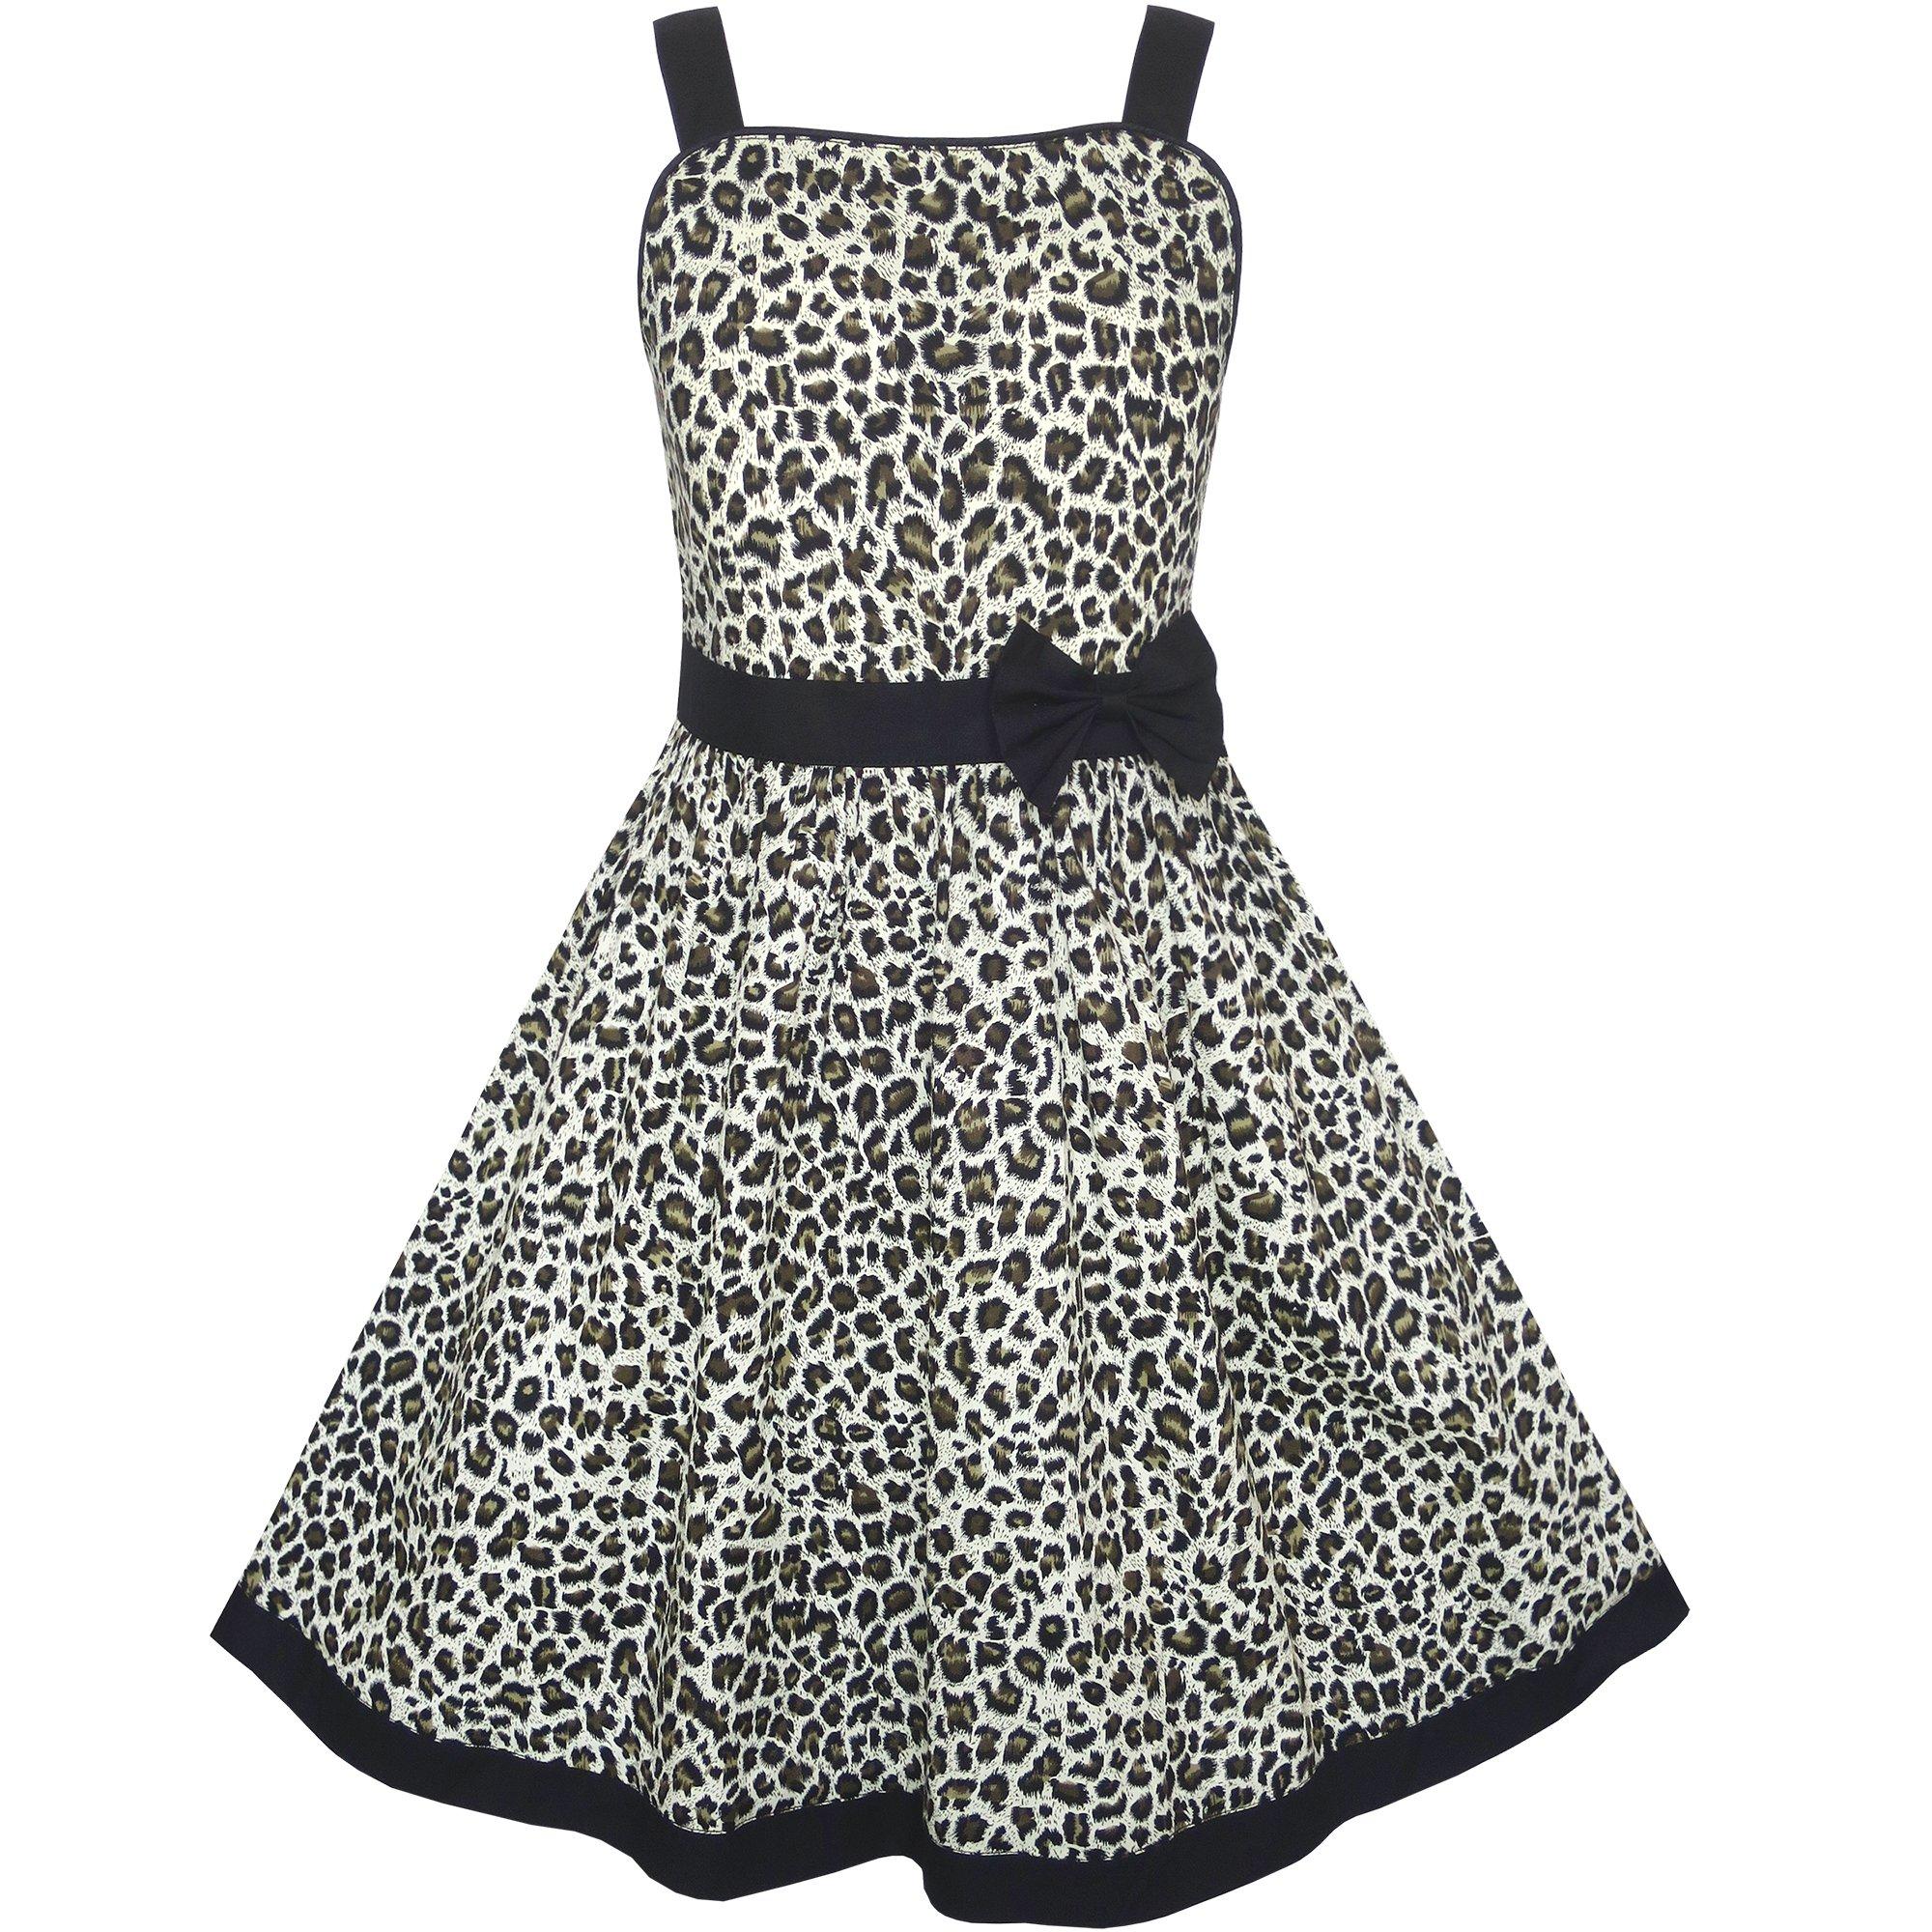 KN14 Girls Dress Leopard Print Summer Beach Size 9-10